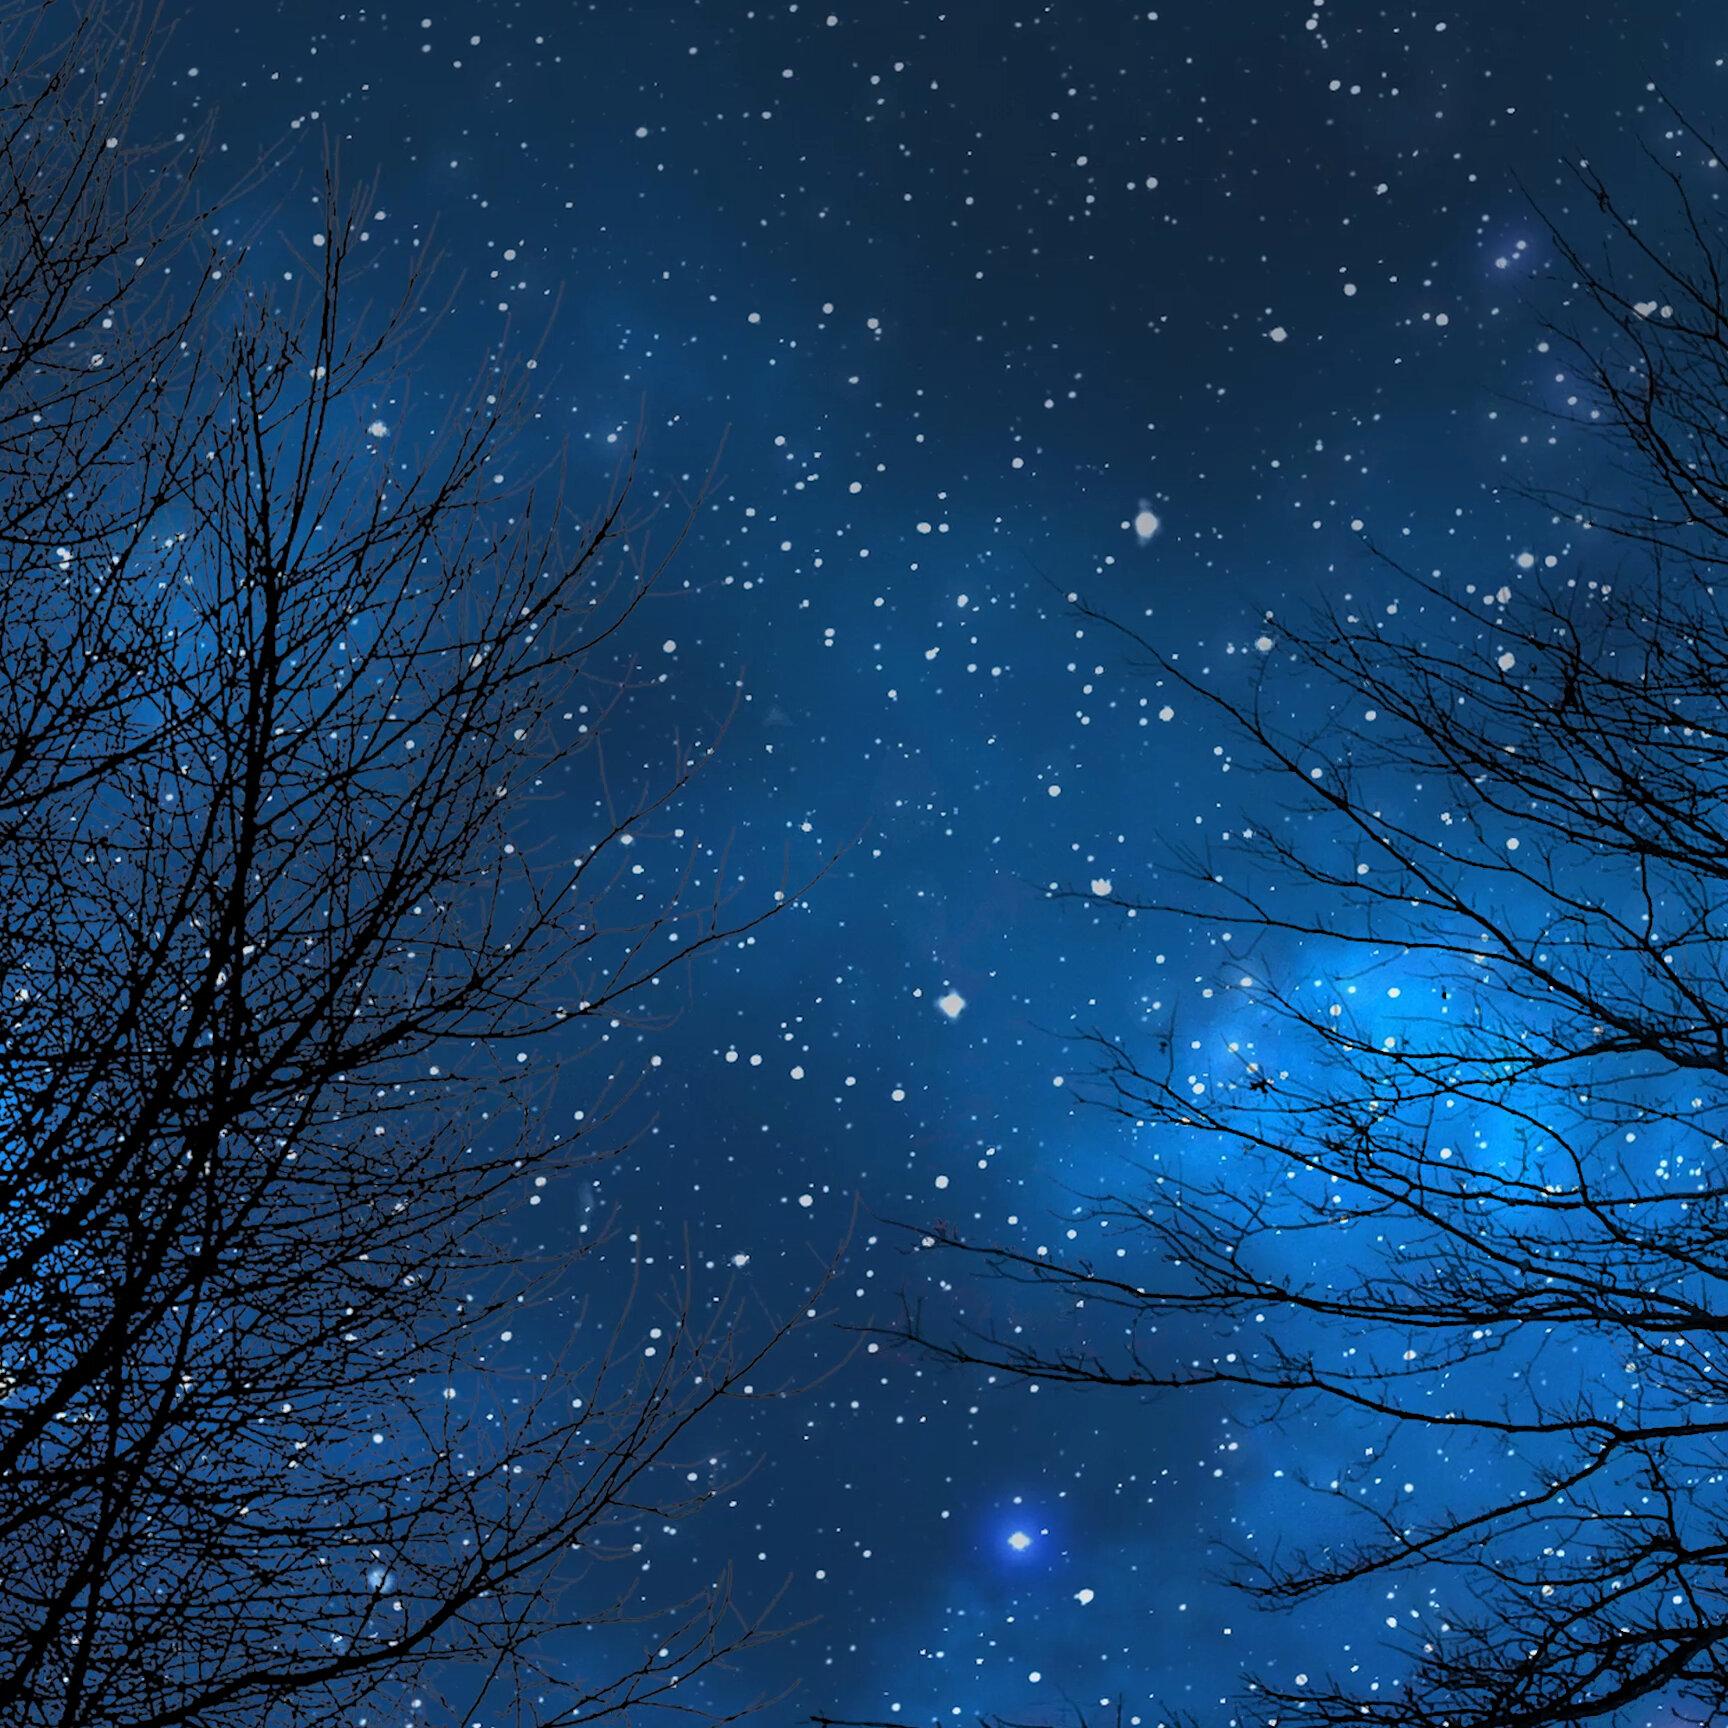 Wallpaper engine starry night sky blue version 4k - Starry sky 4k ...